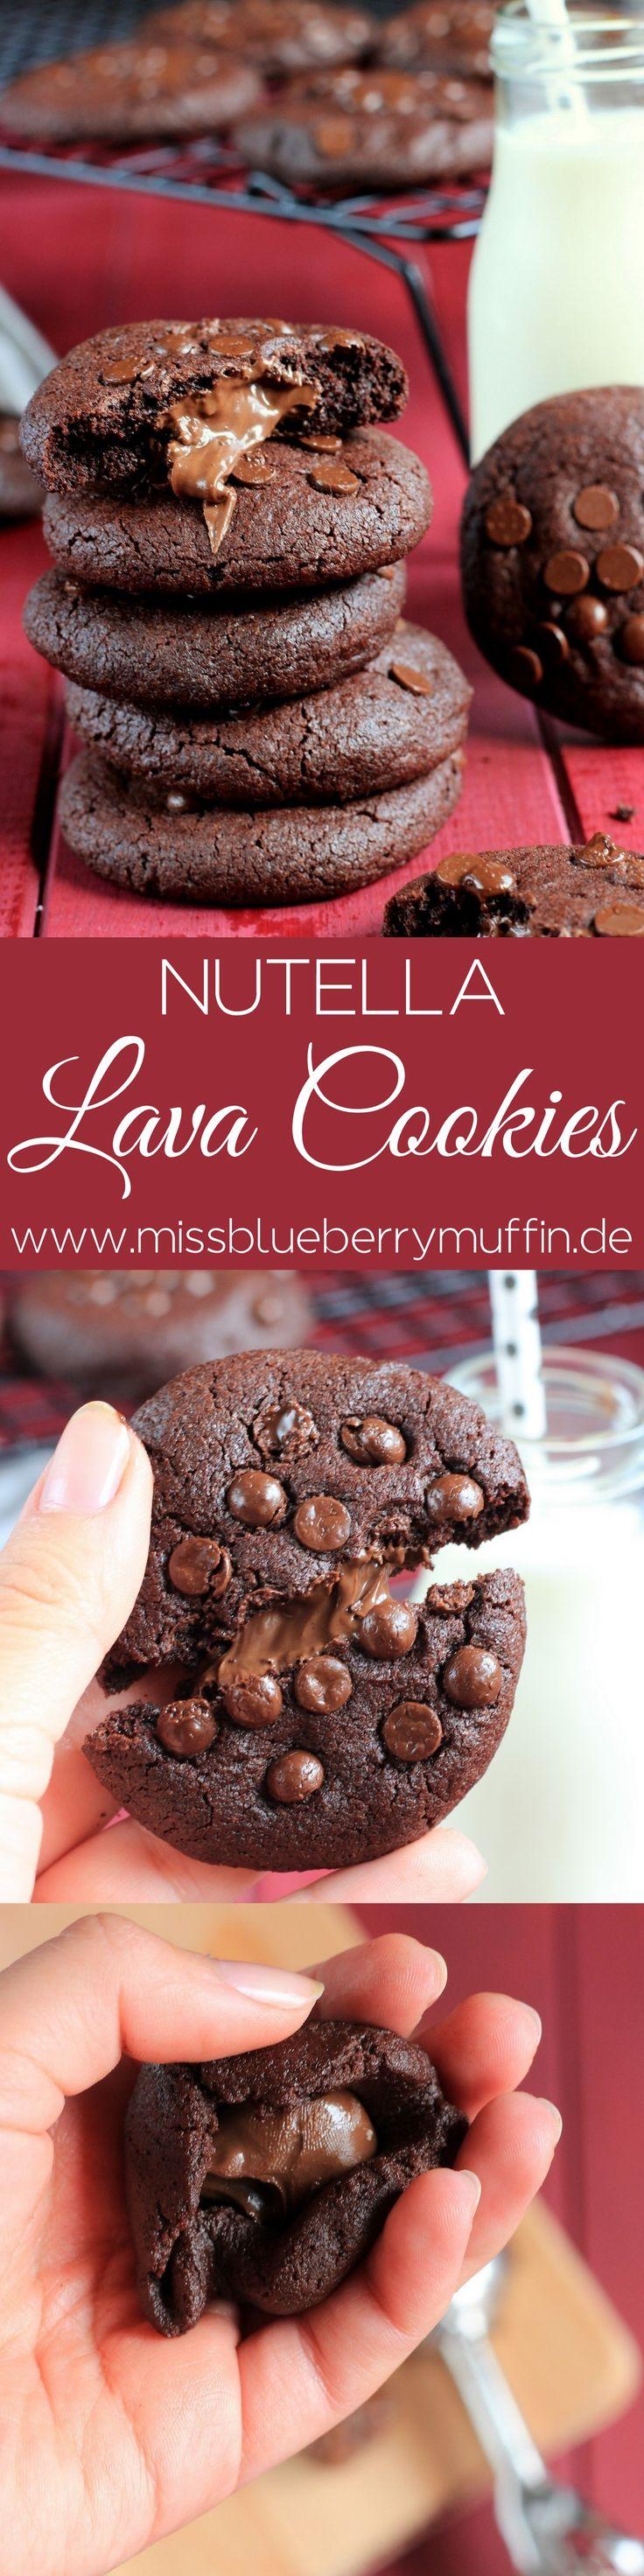 Rezept für die besten gefüllten nutellla Lava Cookies // best nuetalla lava cookies <3